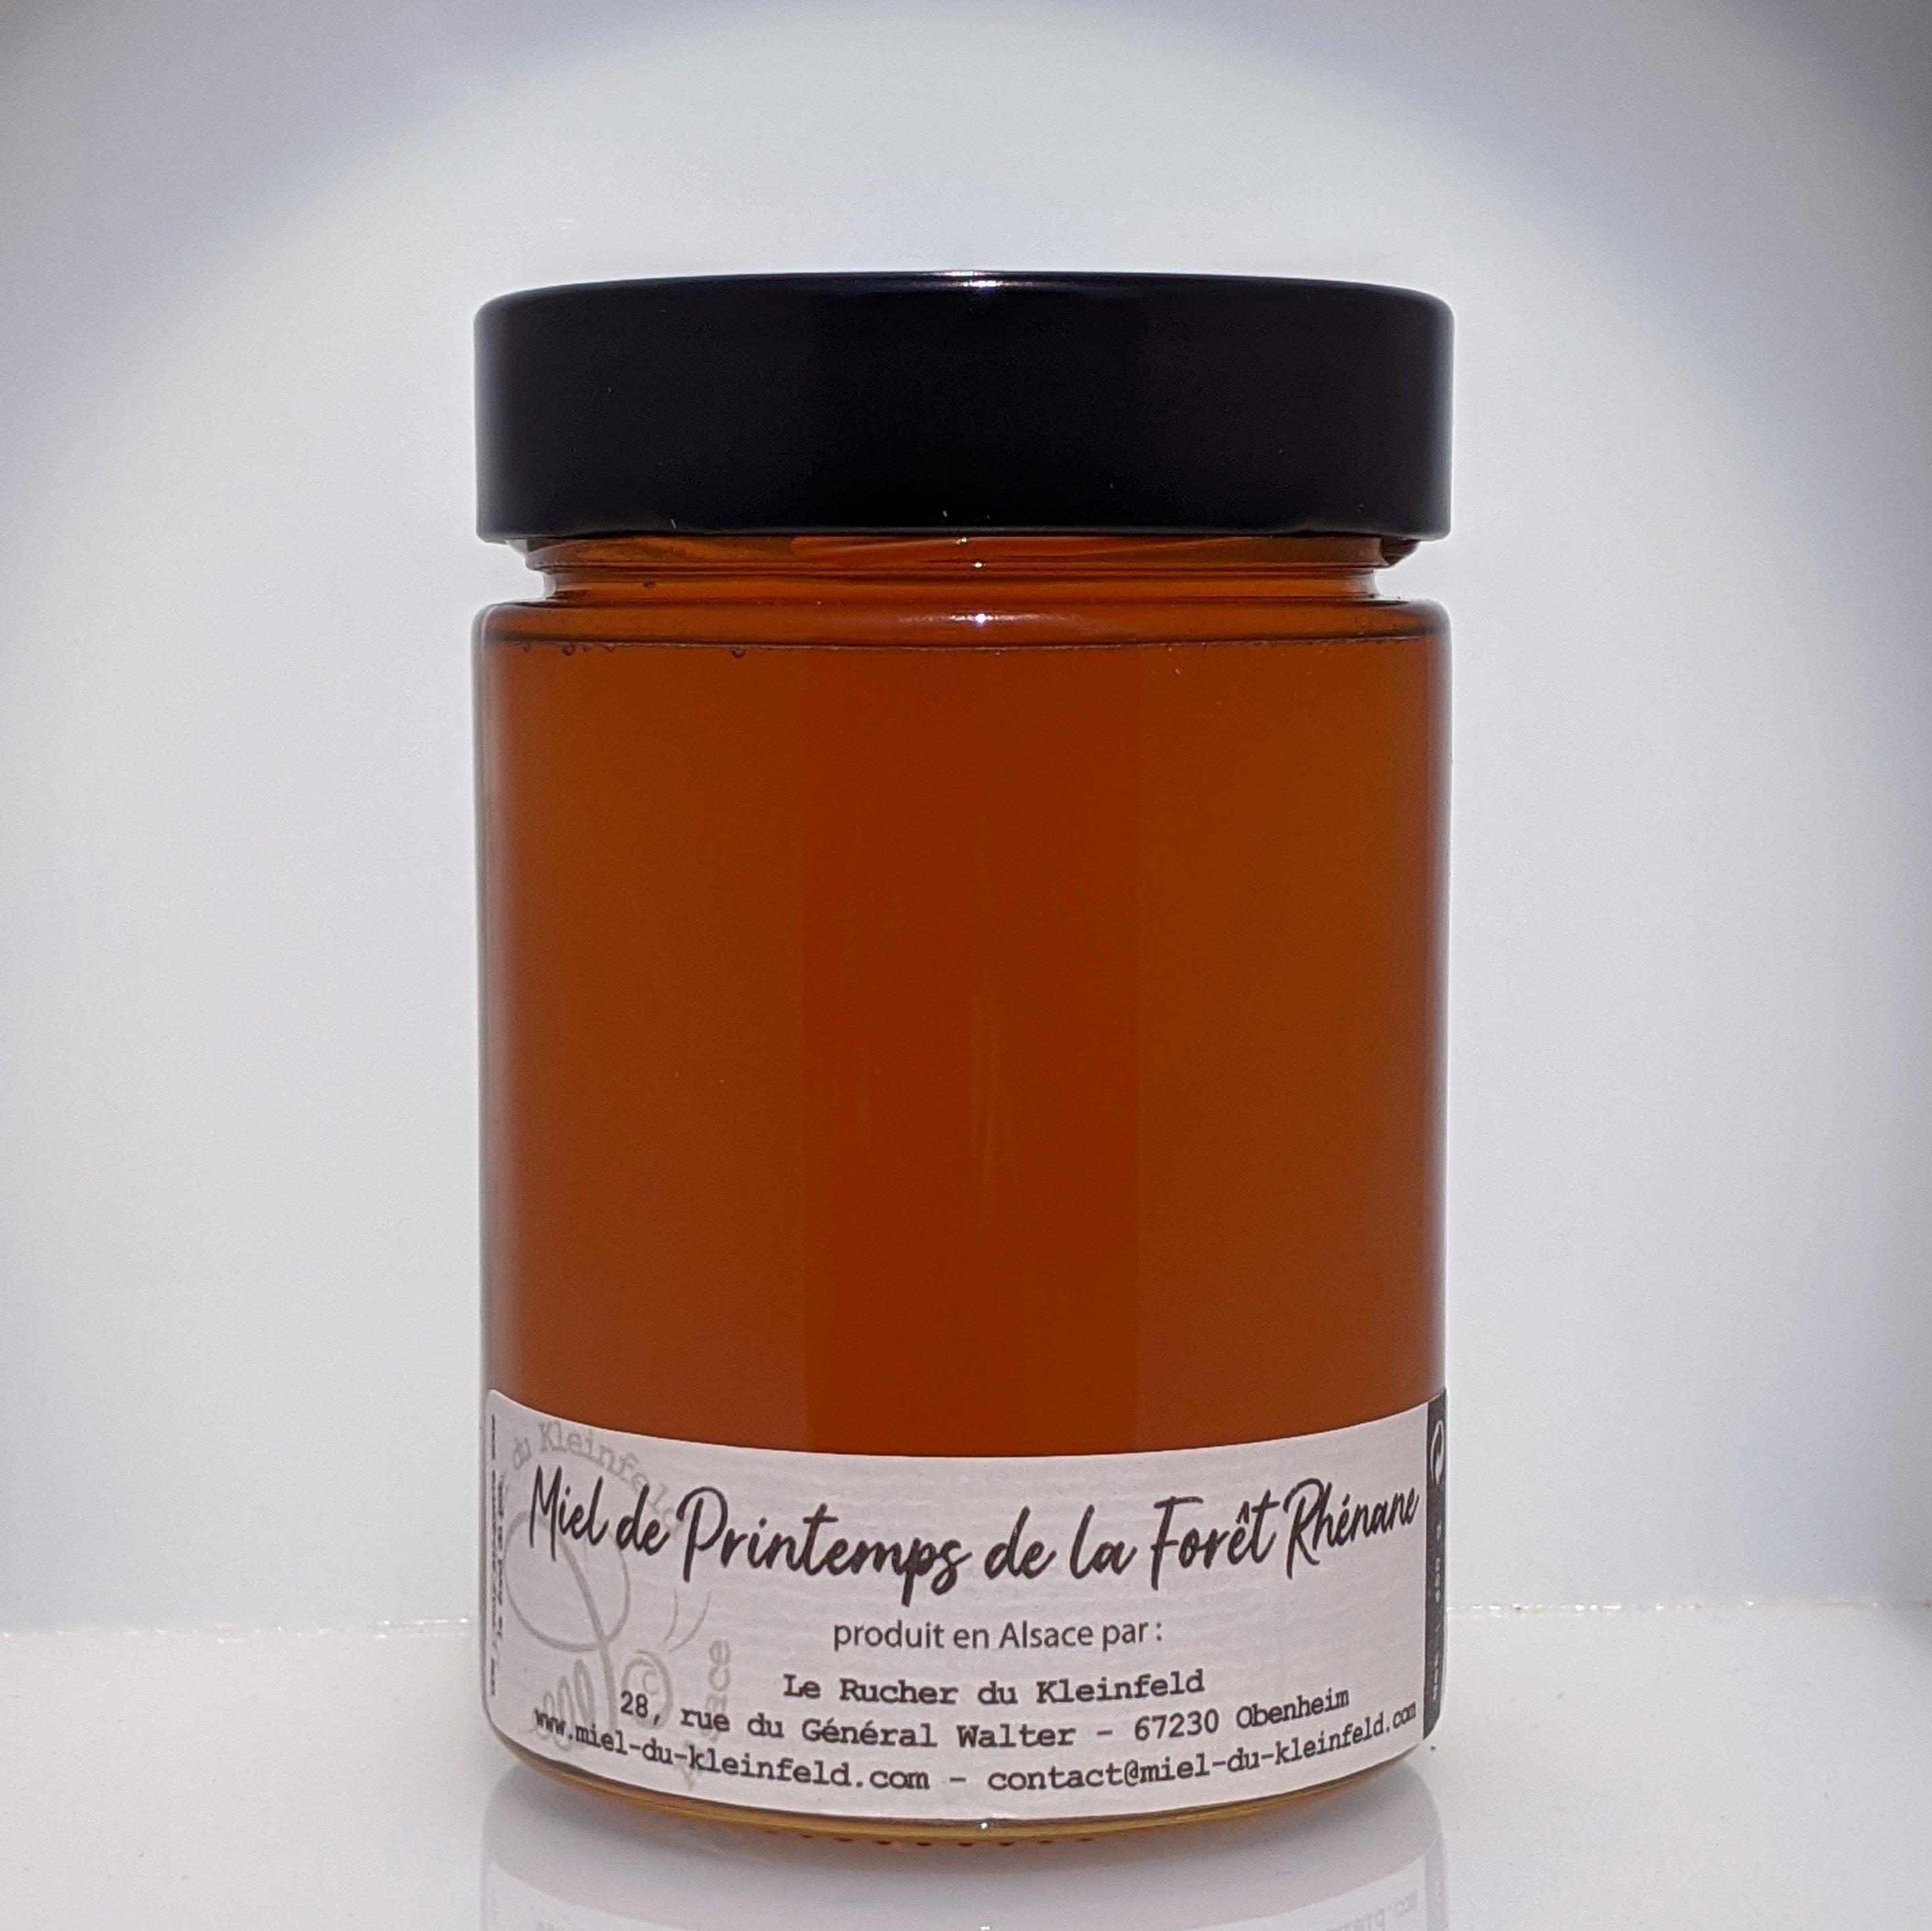 Miel de Printemps de la Forêt Rhénane 450 g